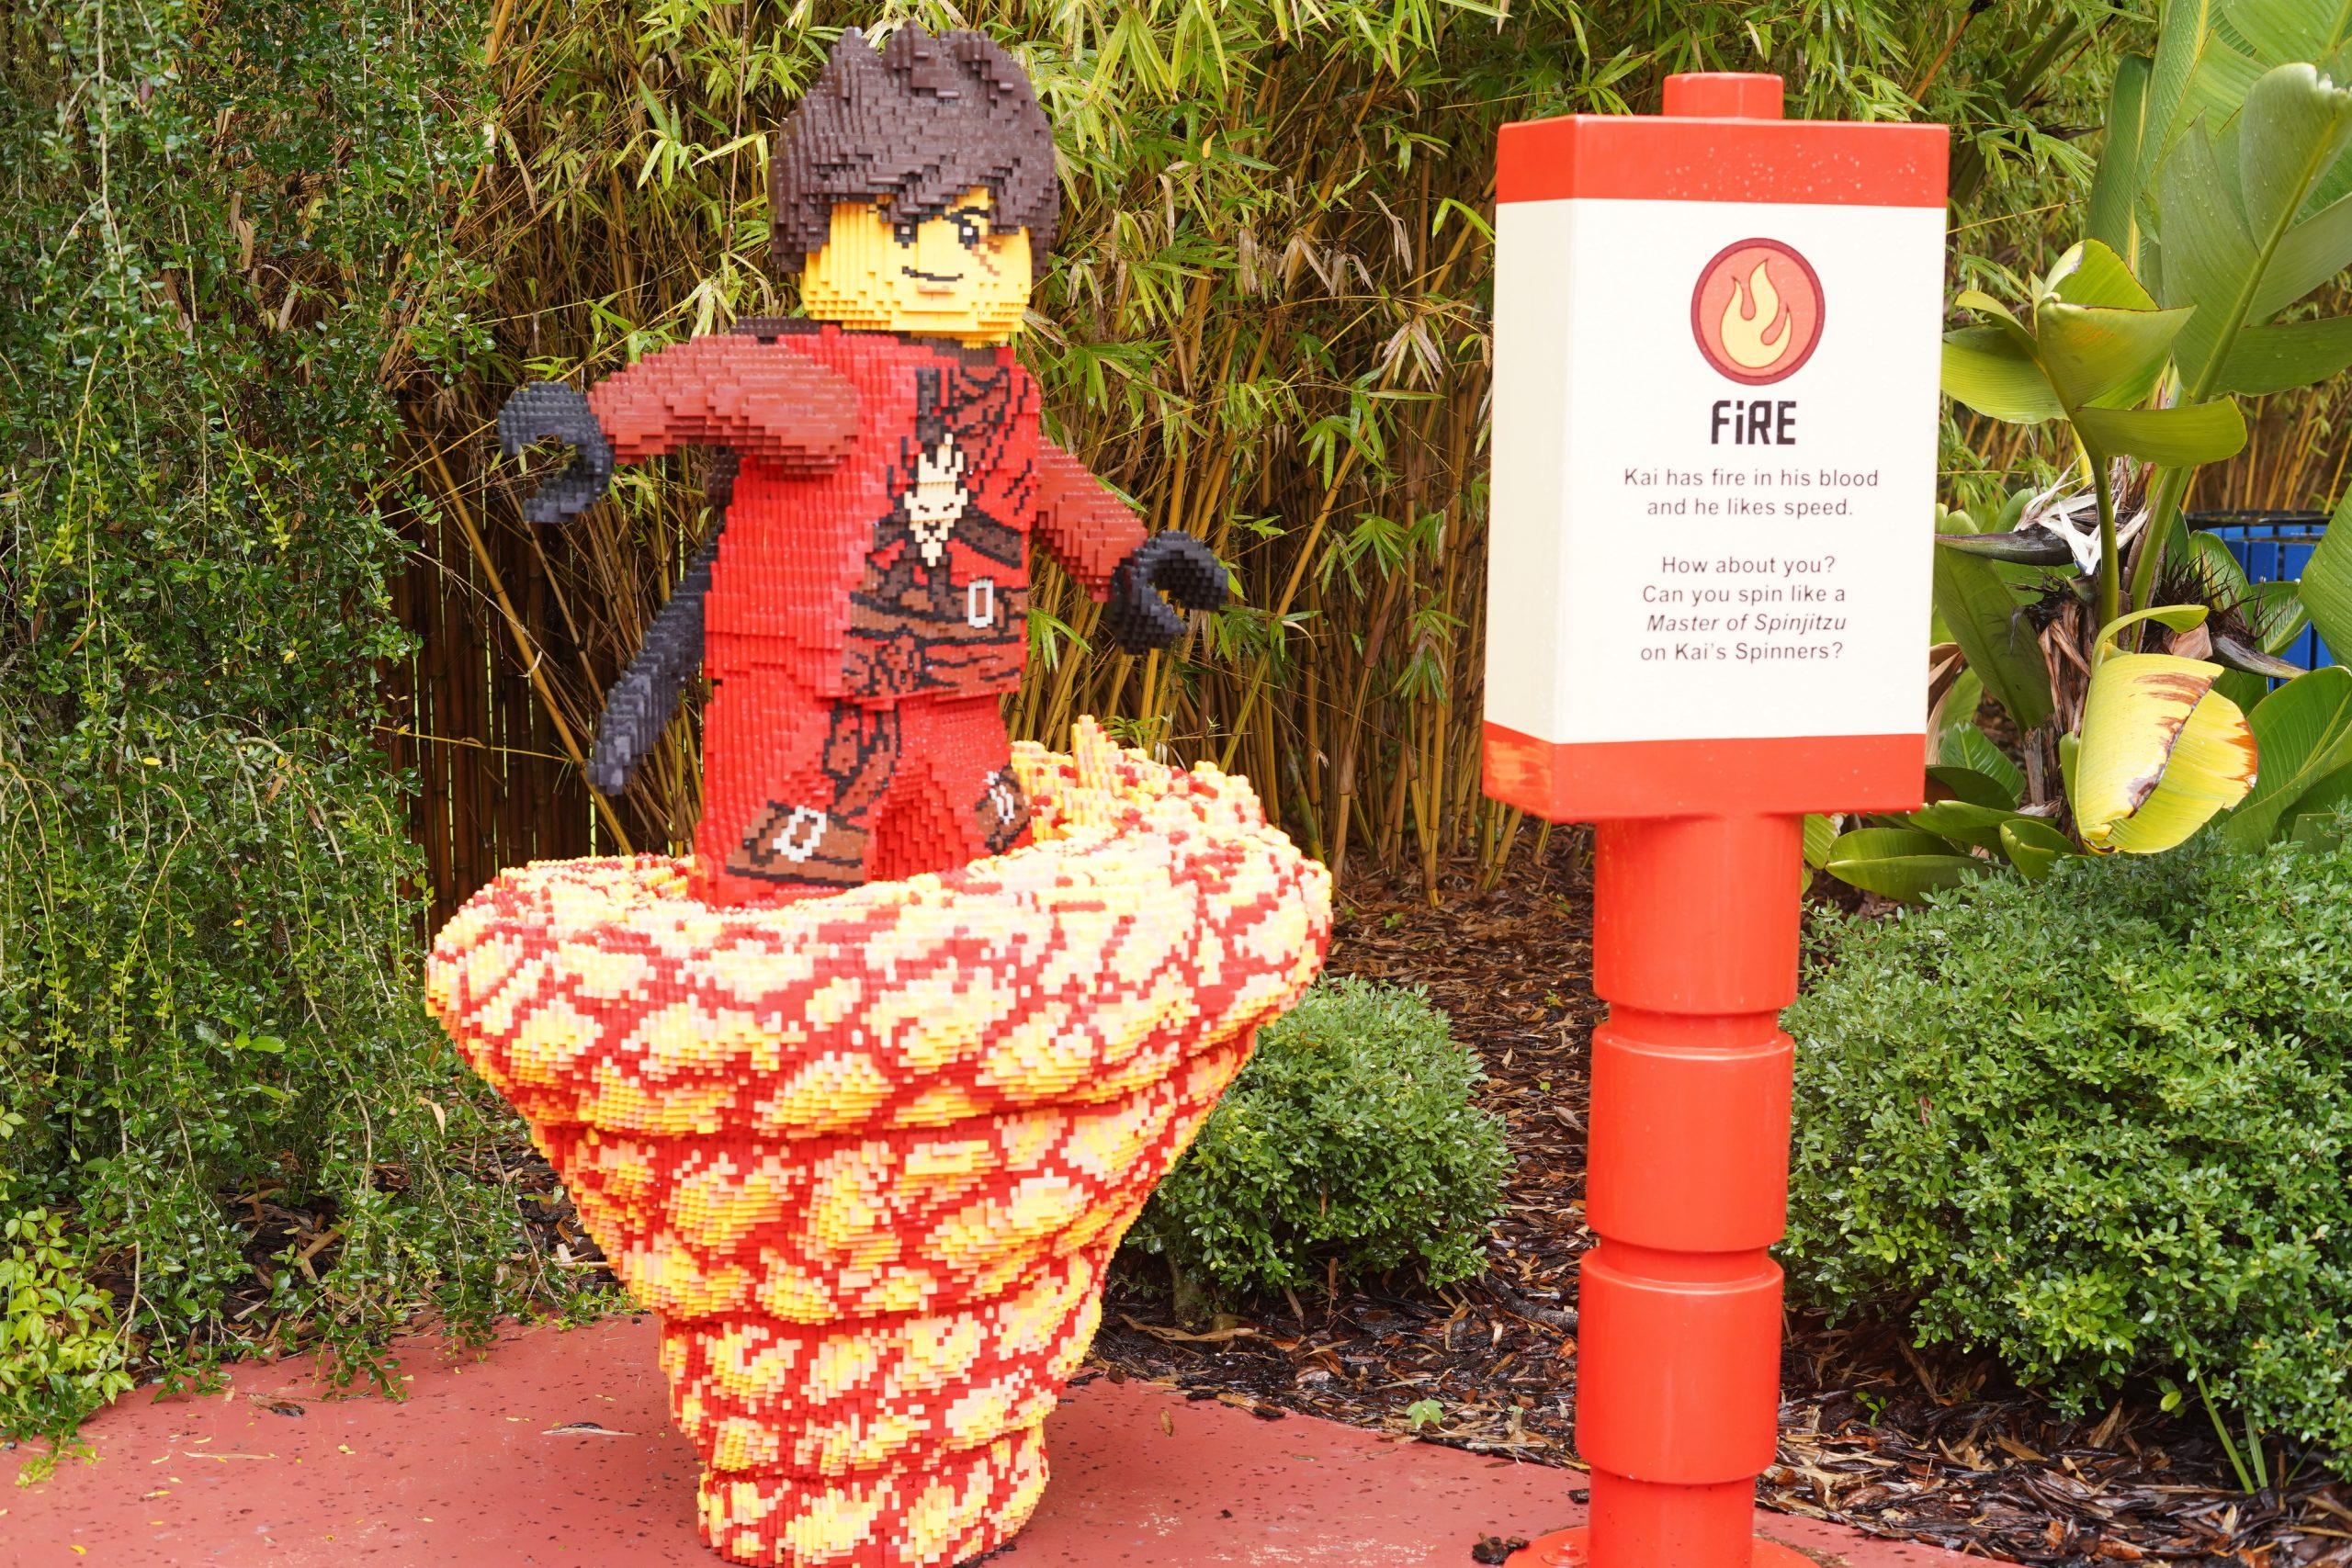 Ninjago lego figurine at LEGOLAND. | Guide to LEGOLAND Florida